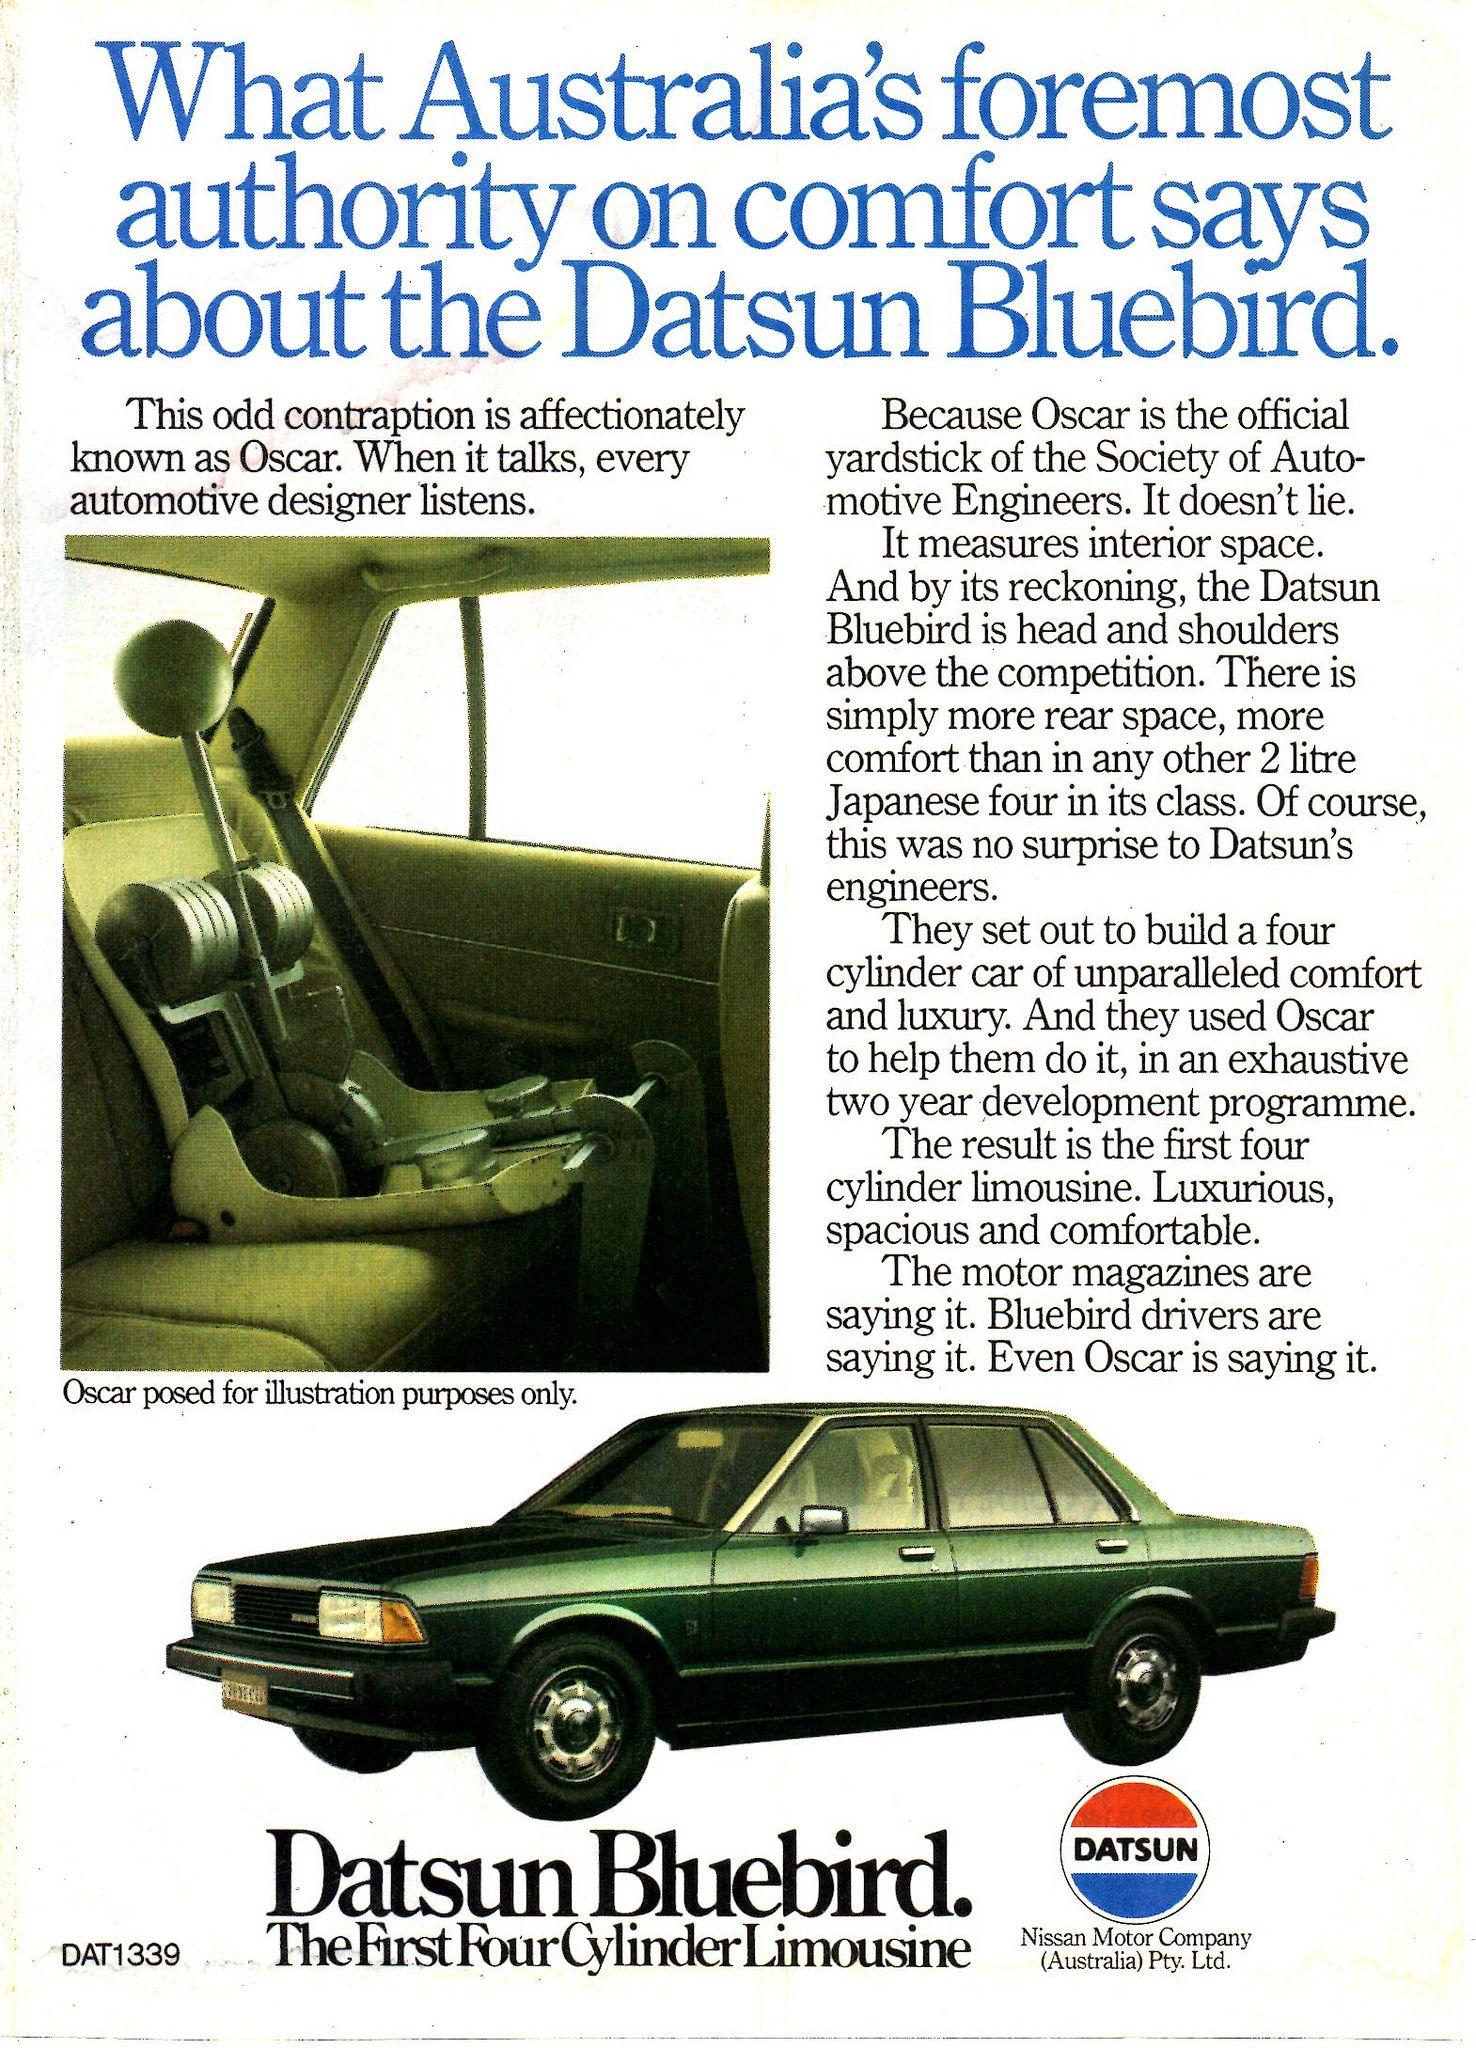 1982 Datsun Bluebird Nissan Aussie Original Magazine Advertisement Datsun Bluebird Datsun Nissan